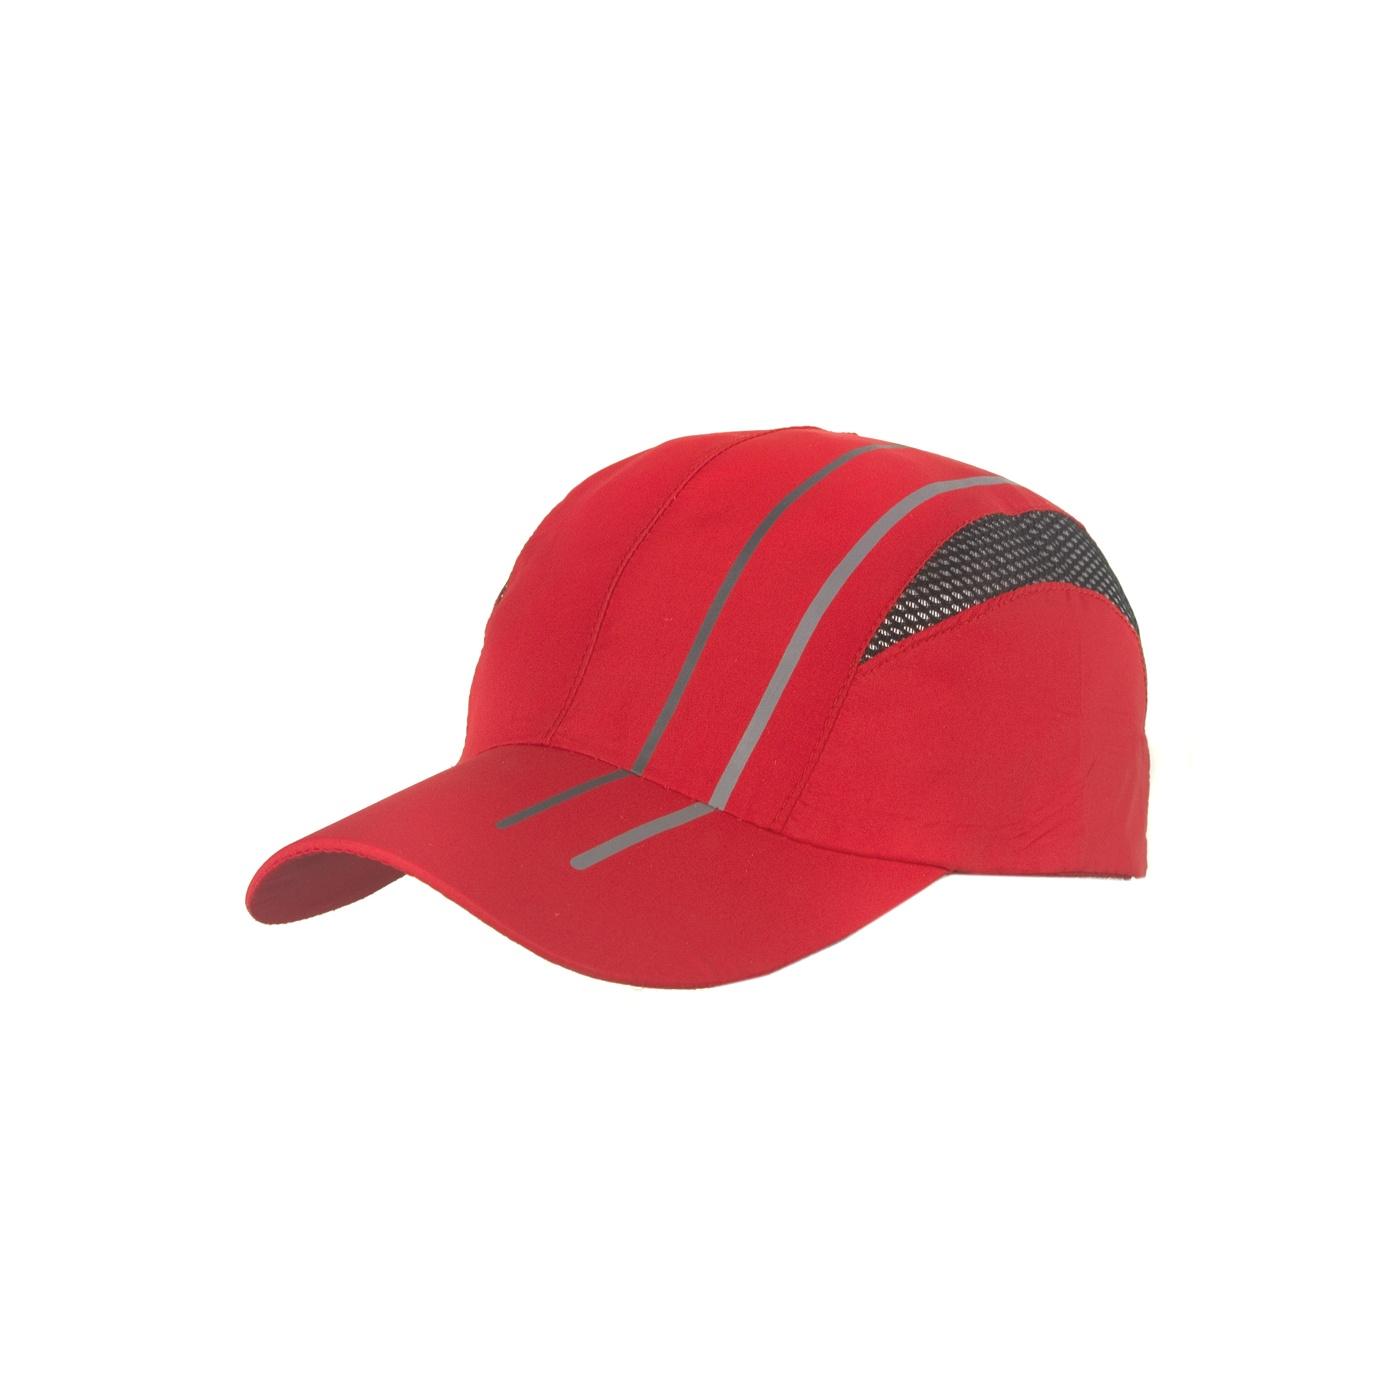 Lekka wentylowana czapka z daszkiem – czewona z siateczką